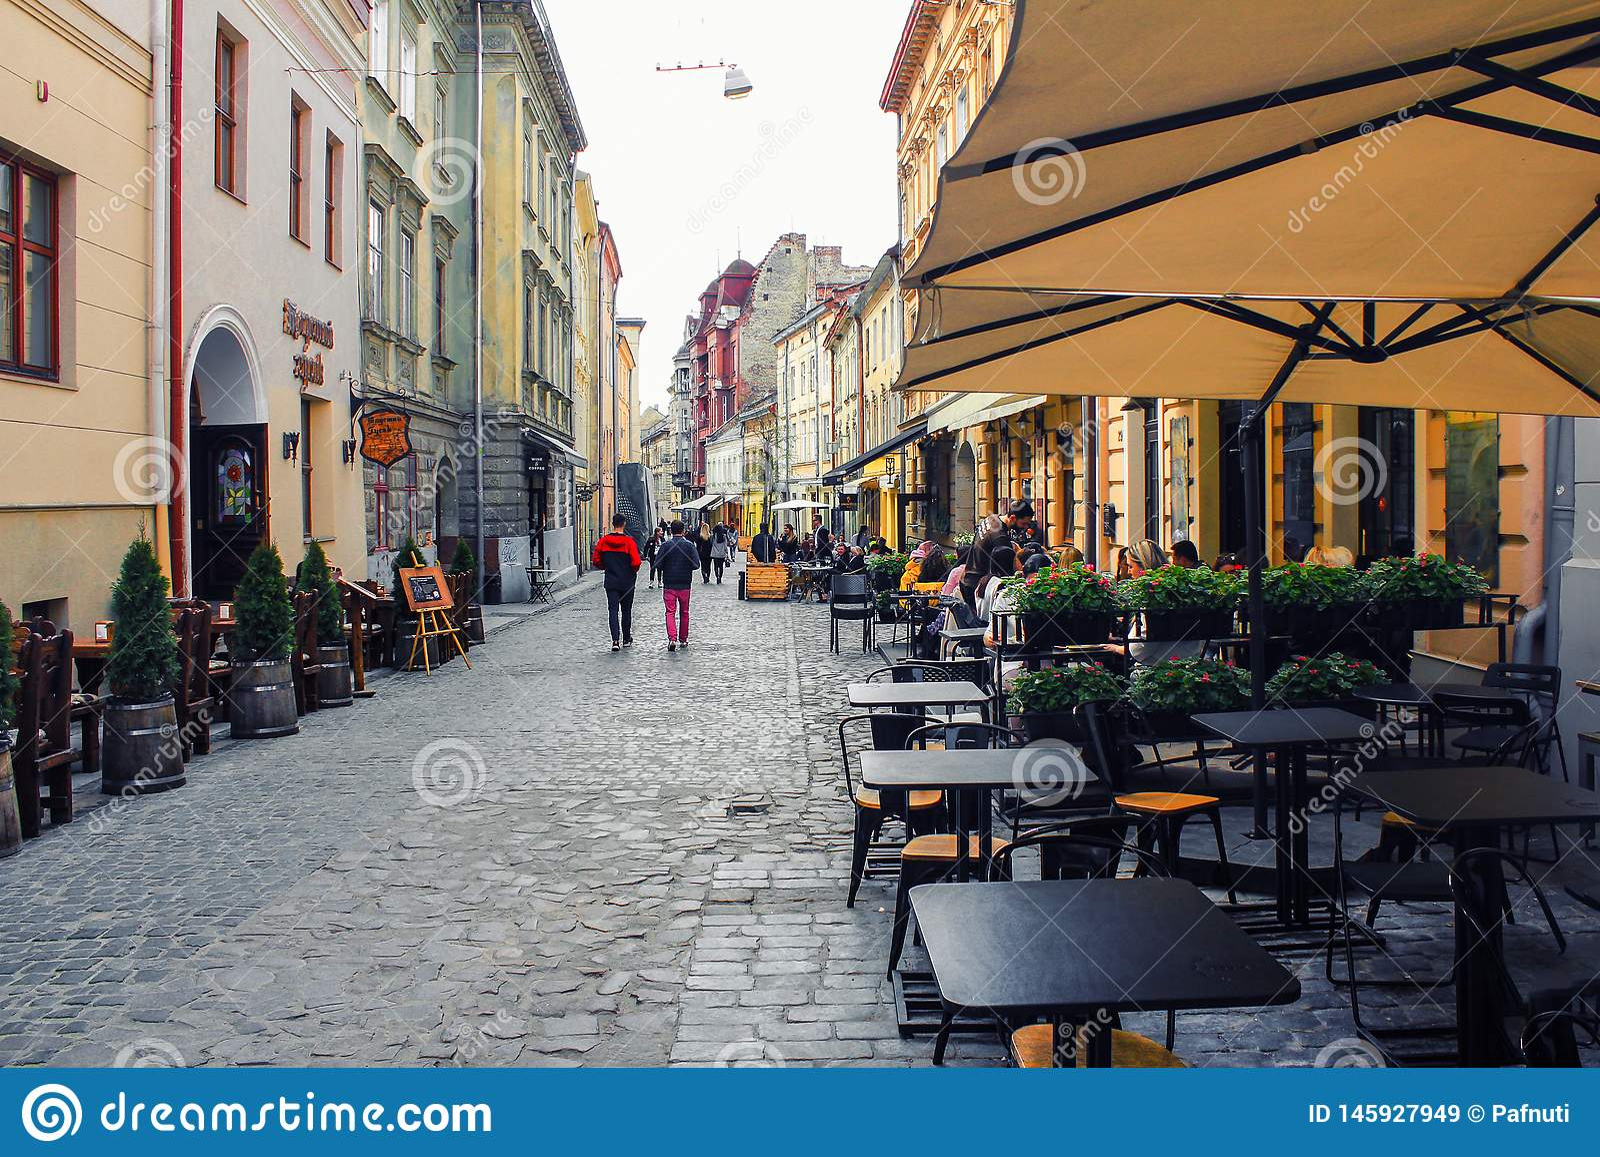 Caf? al aire libre en la ciudad vieja